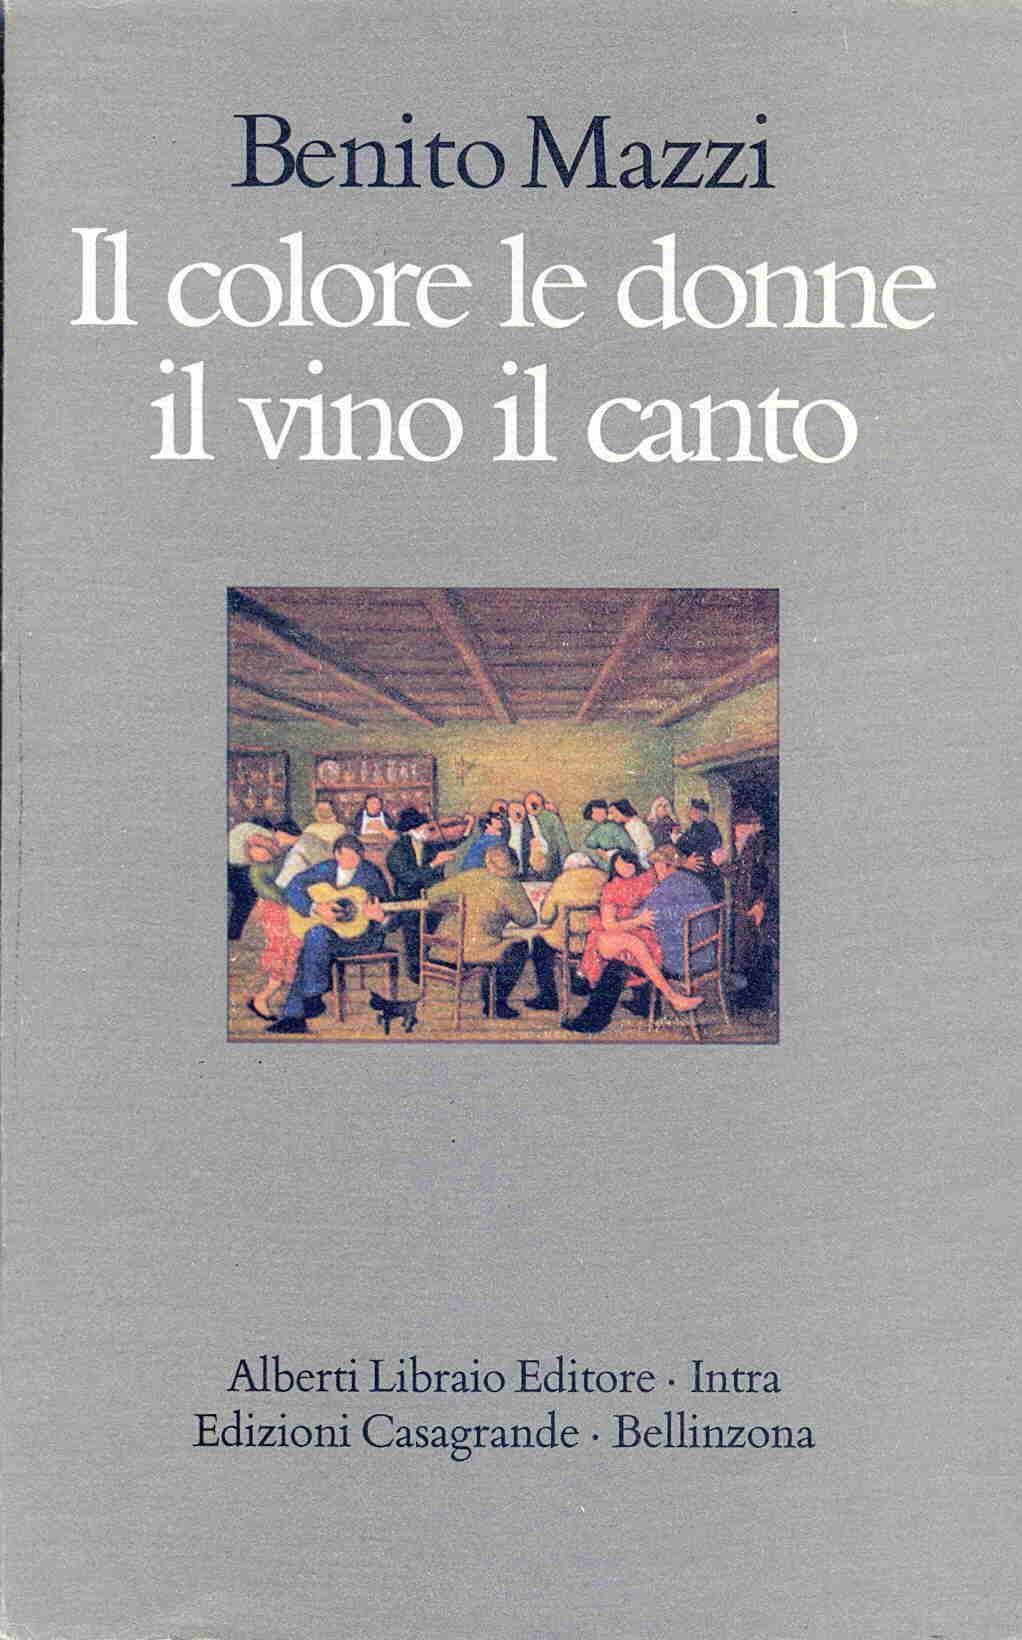 Il colore, le donne, il vino, il canto